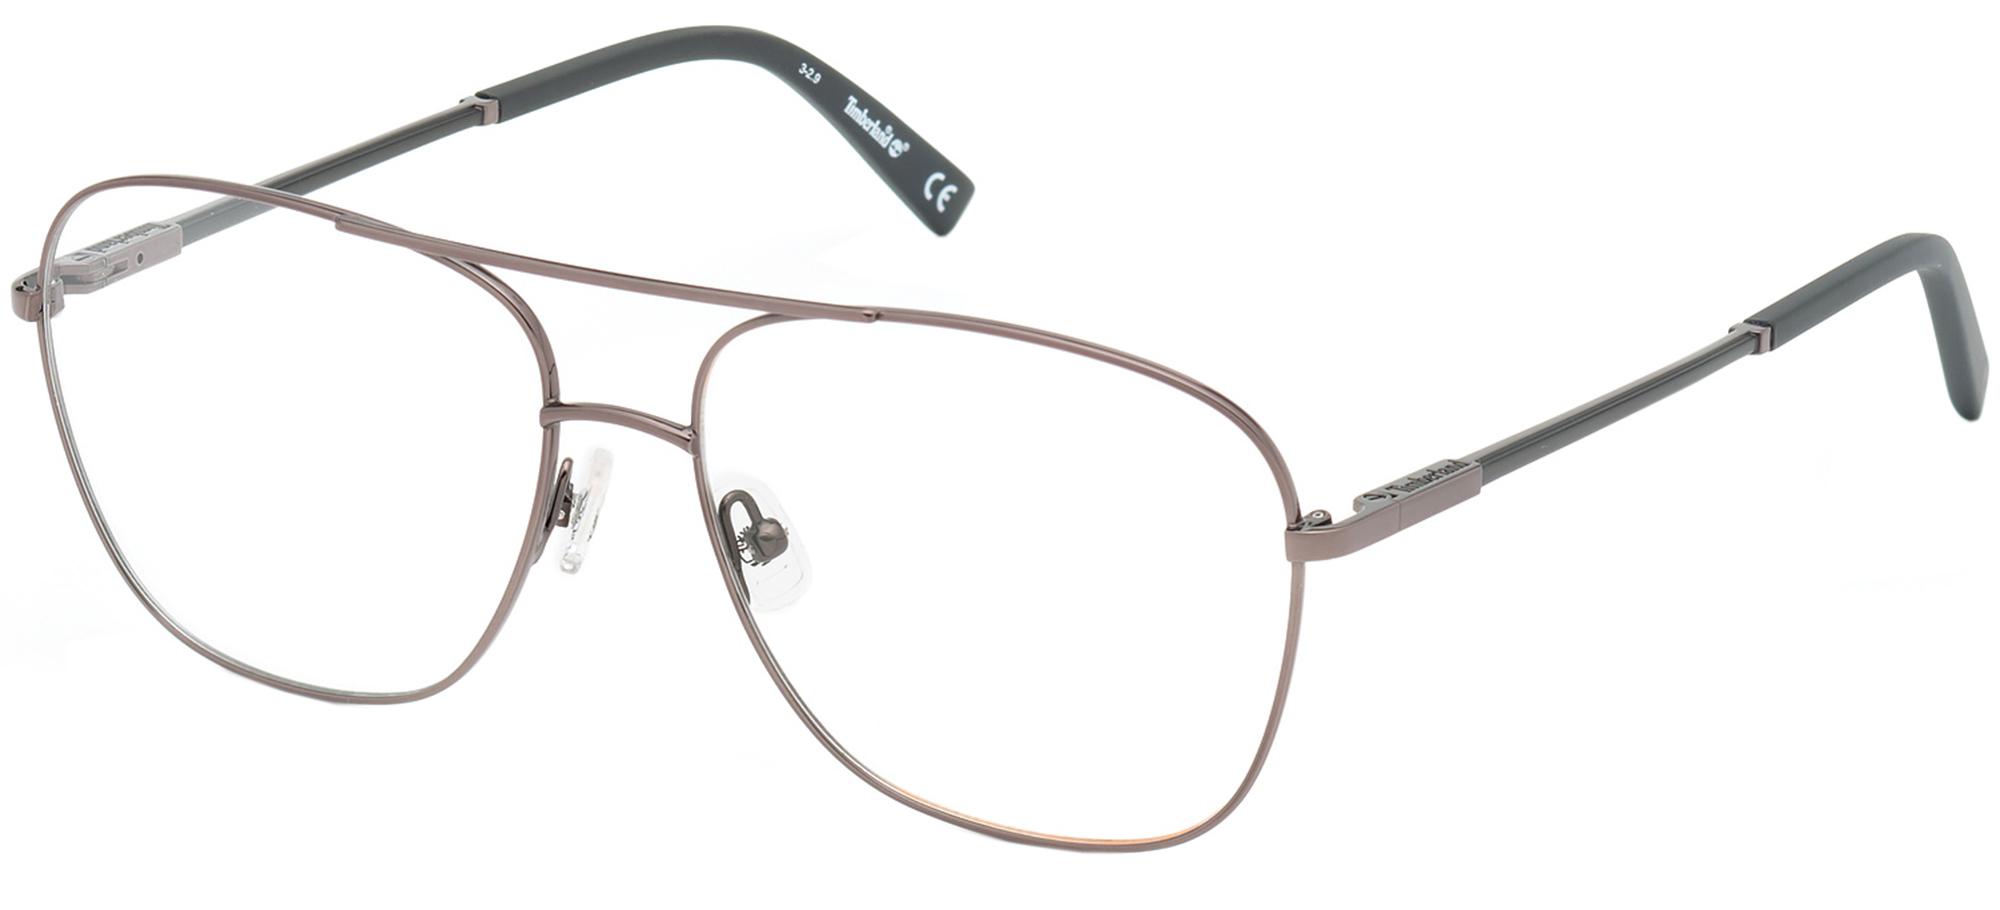 Timberland Tb1671 Occhiali da Vista uomo vendita online